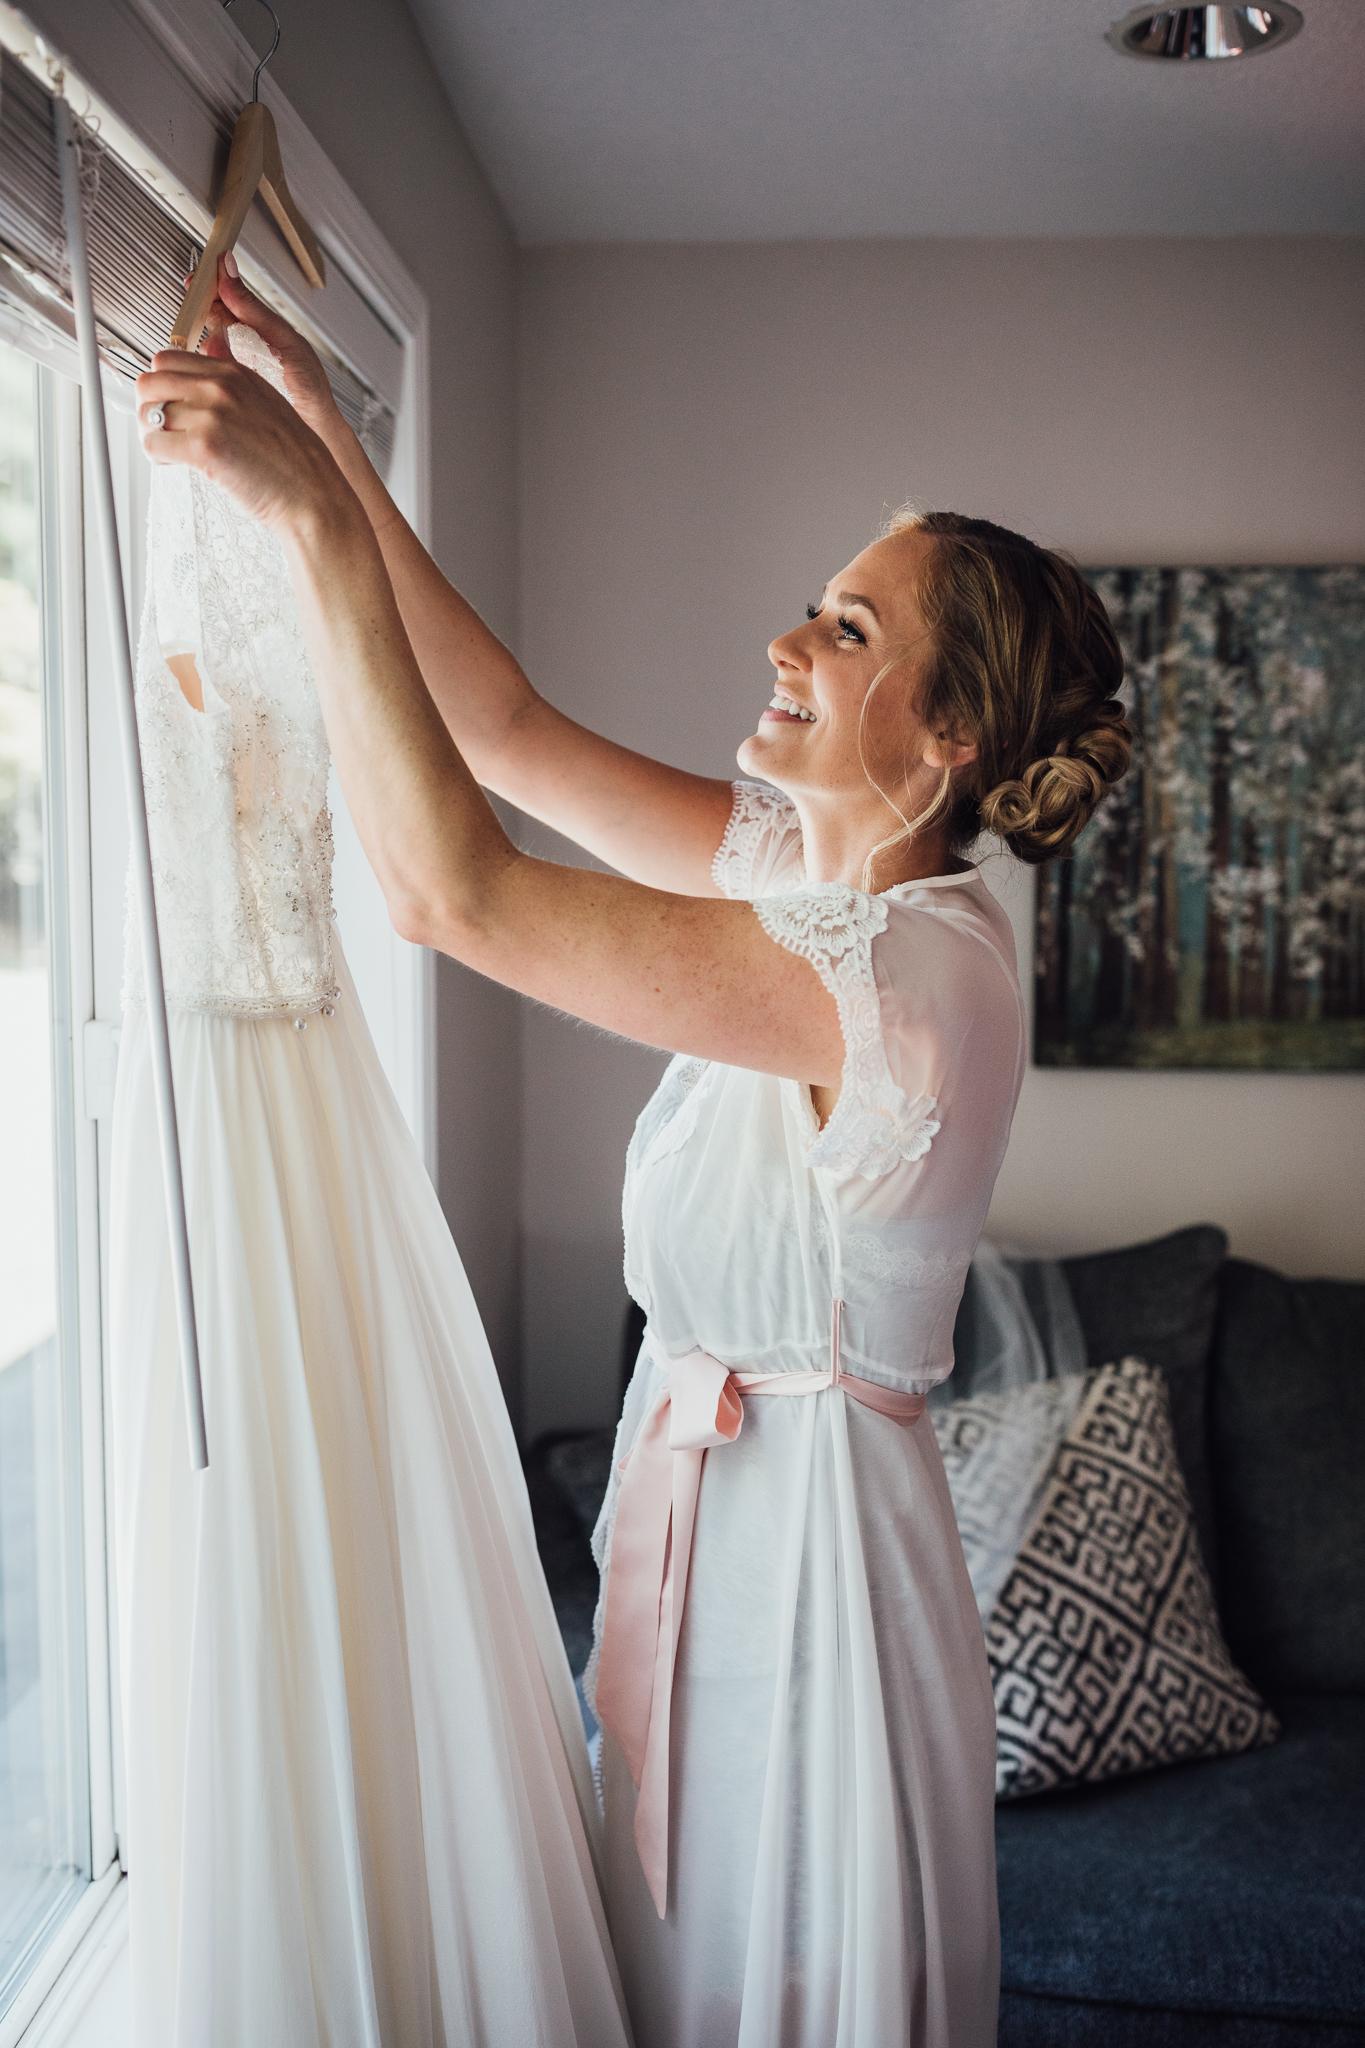 bridesdress